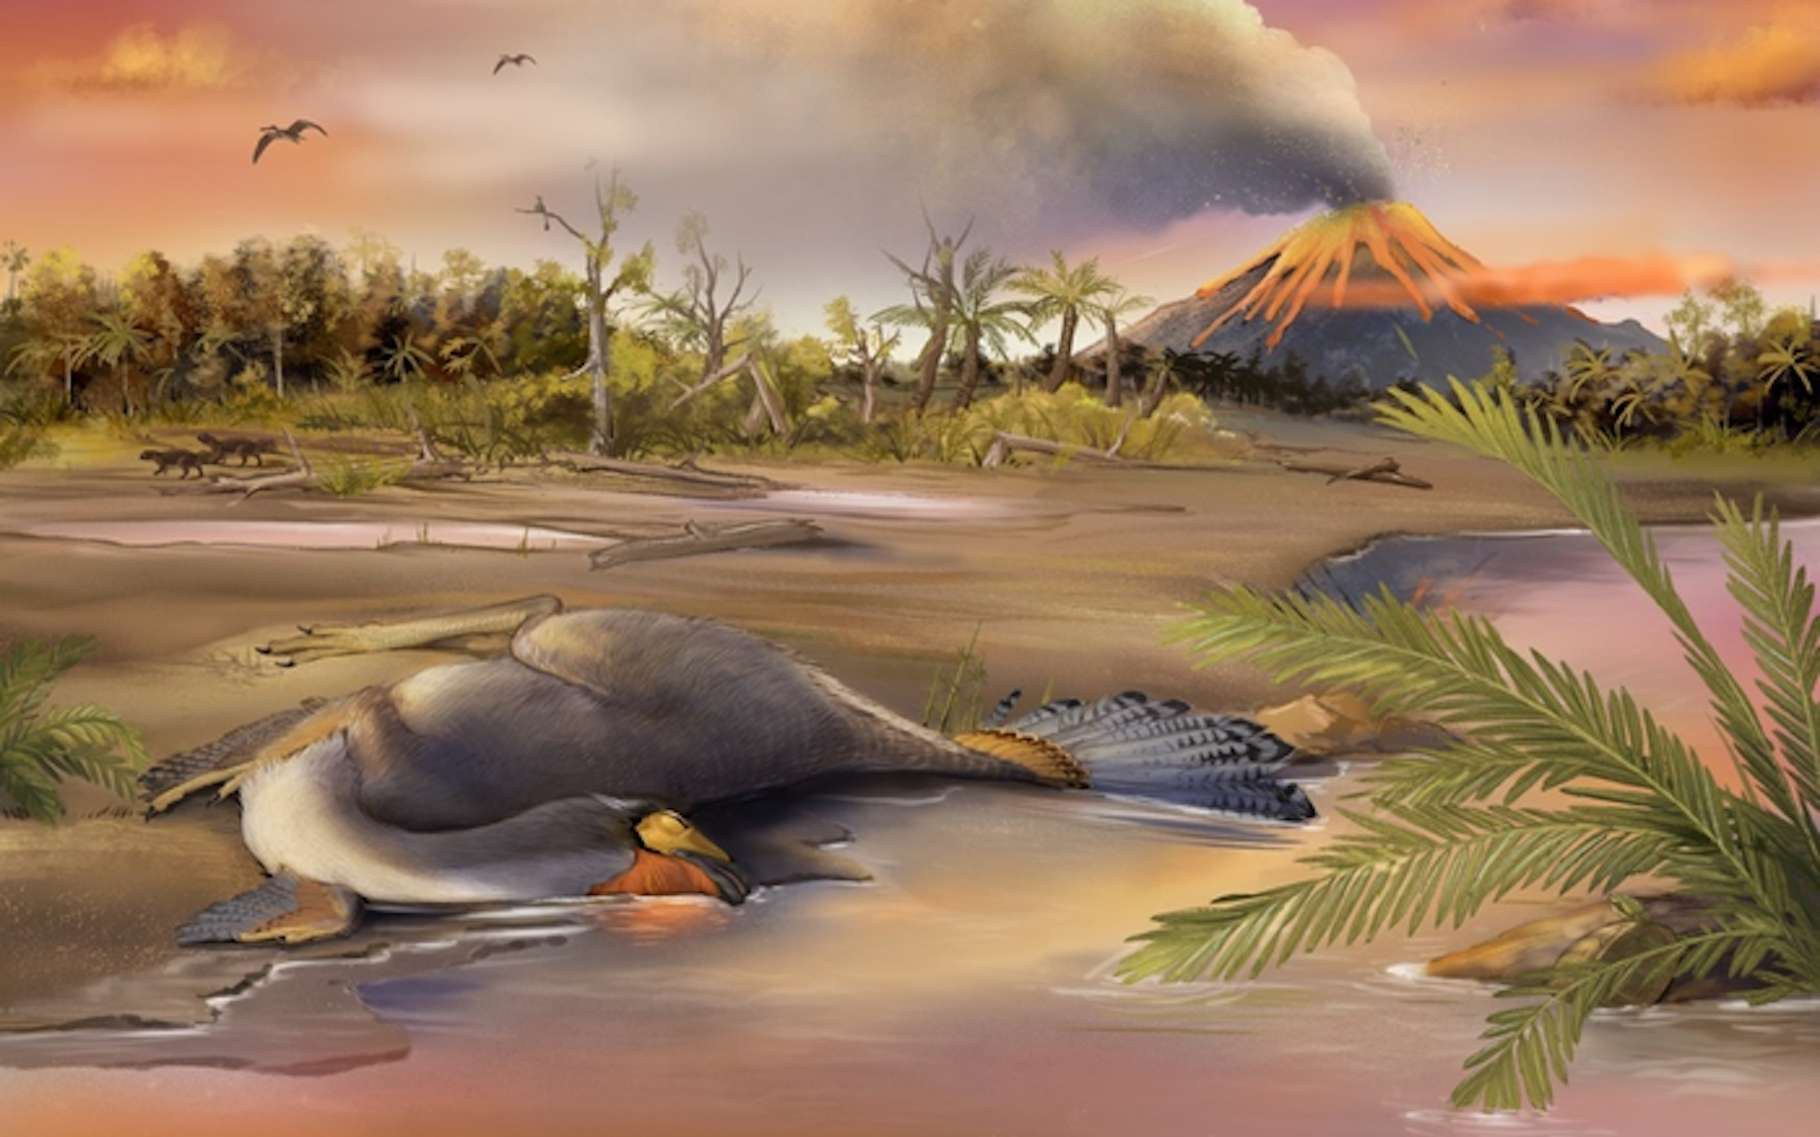 Une reconstitution de la région dans laquelle ont été trouvés les fossiles du dinosaure que des chercheurs ont étudiés pour y découvrir des molécules organiques vieilles de 125 millions d'années. © Qiuyang Zheng, Institut de paléontologie des vertébrés et de paléoanthropologie